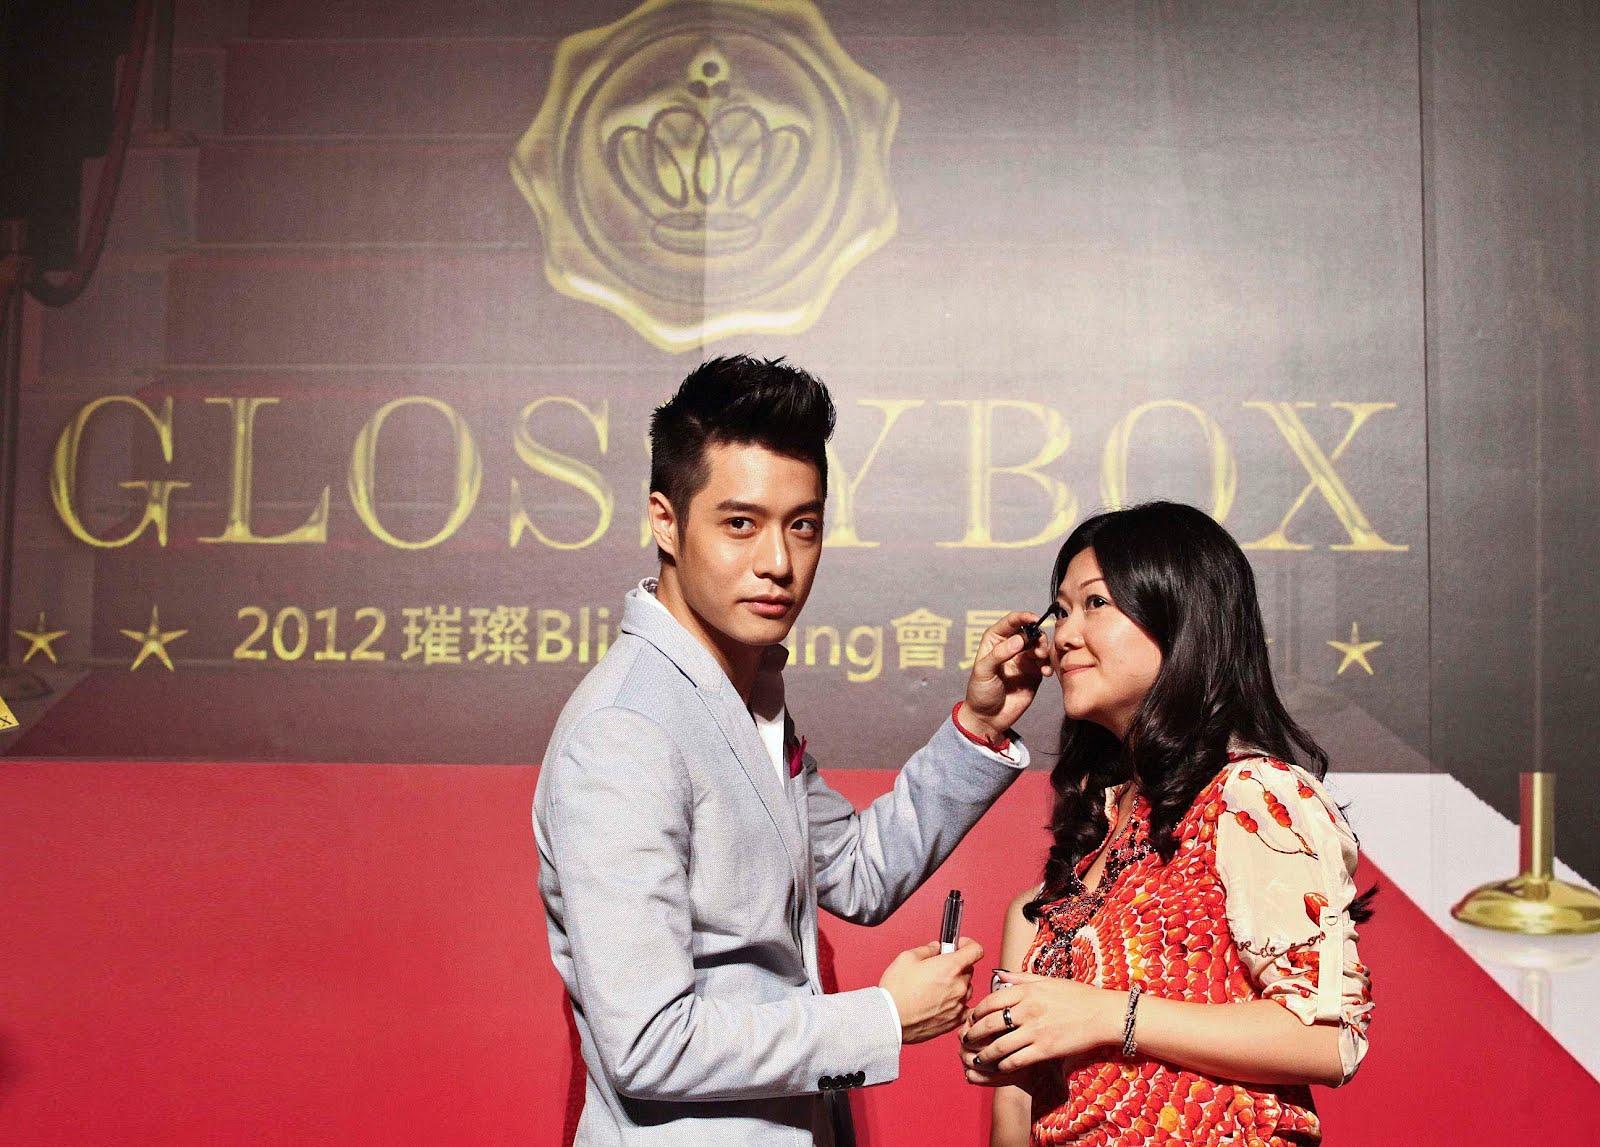 周湯豪驚喜現身GLOSSYBOX美妝盒子派對 點燃璀璨Bling Bling會員之夜 - WoWoNews